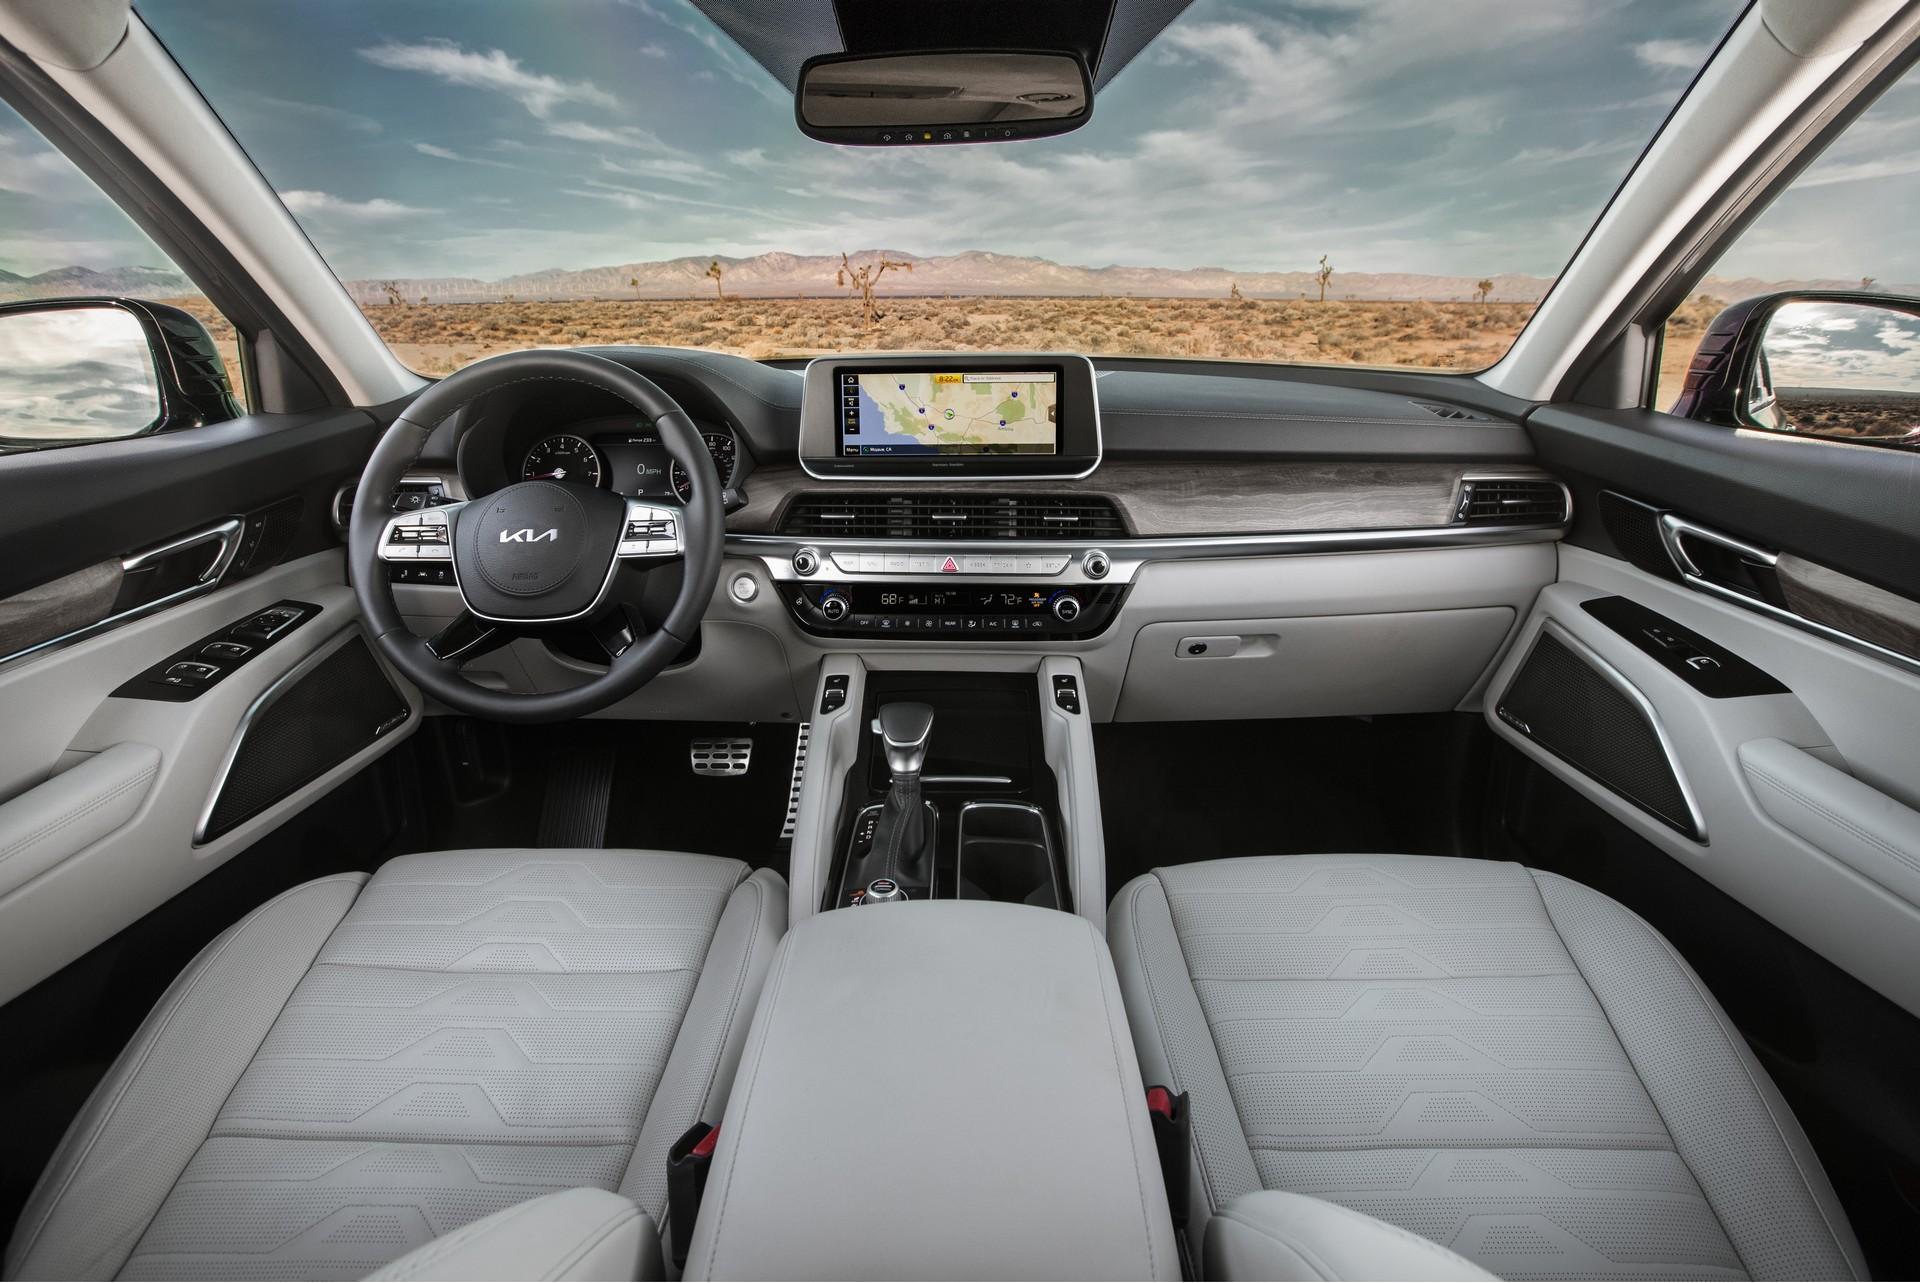 تيلورايد 2022 أكبر سيارة كورية SUV بتحديثات رائعة تعرف علي سعرها في الامارات - كيا تيلورايد 2022 أكبر سيارة كورية SUV بتحديثات رائعة تعرف علي سعرها في الامارات